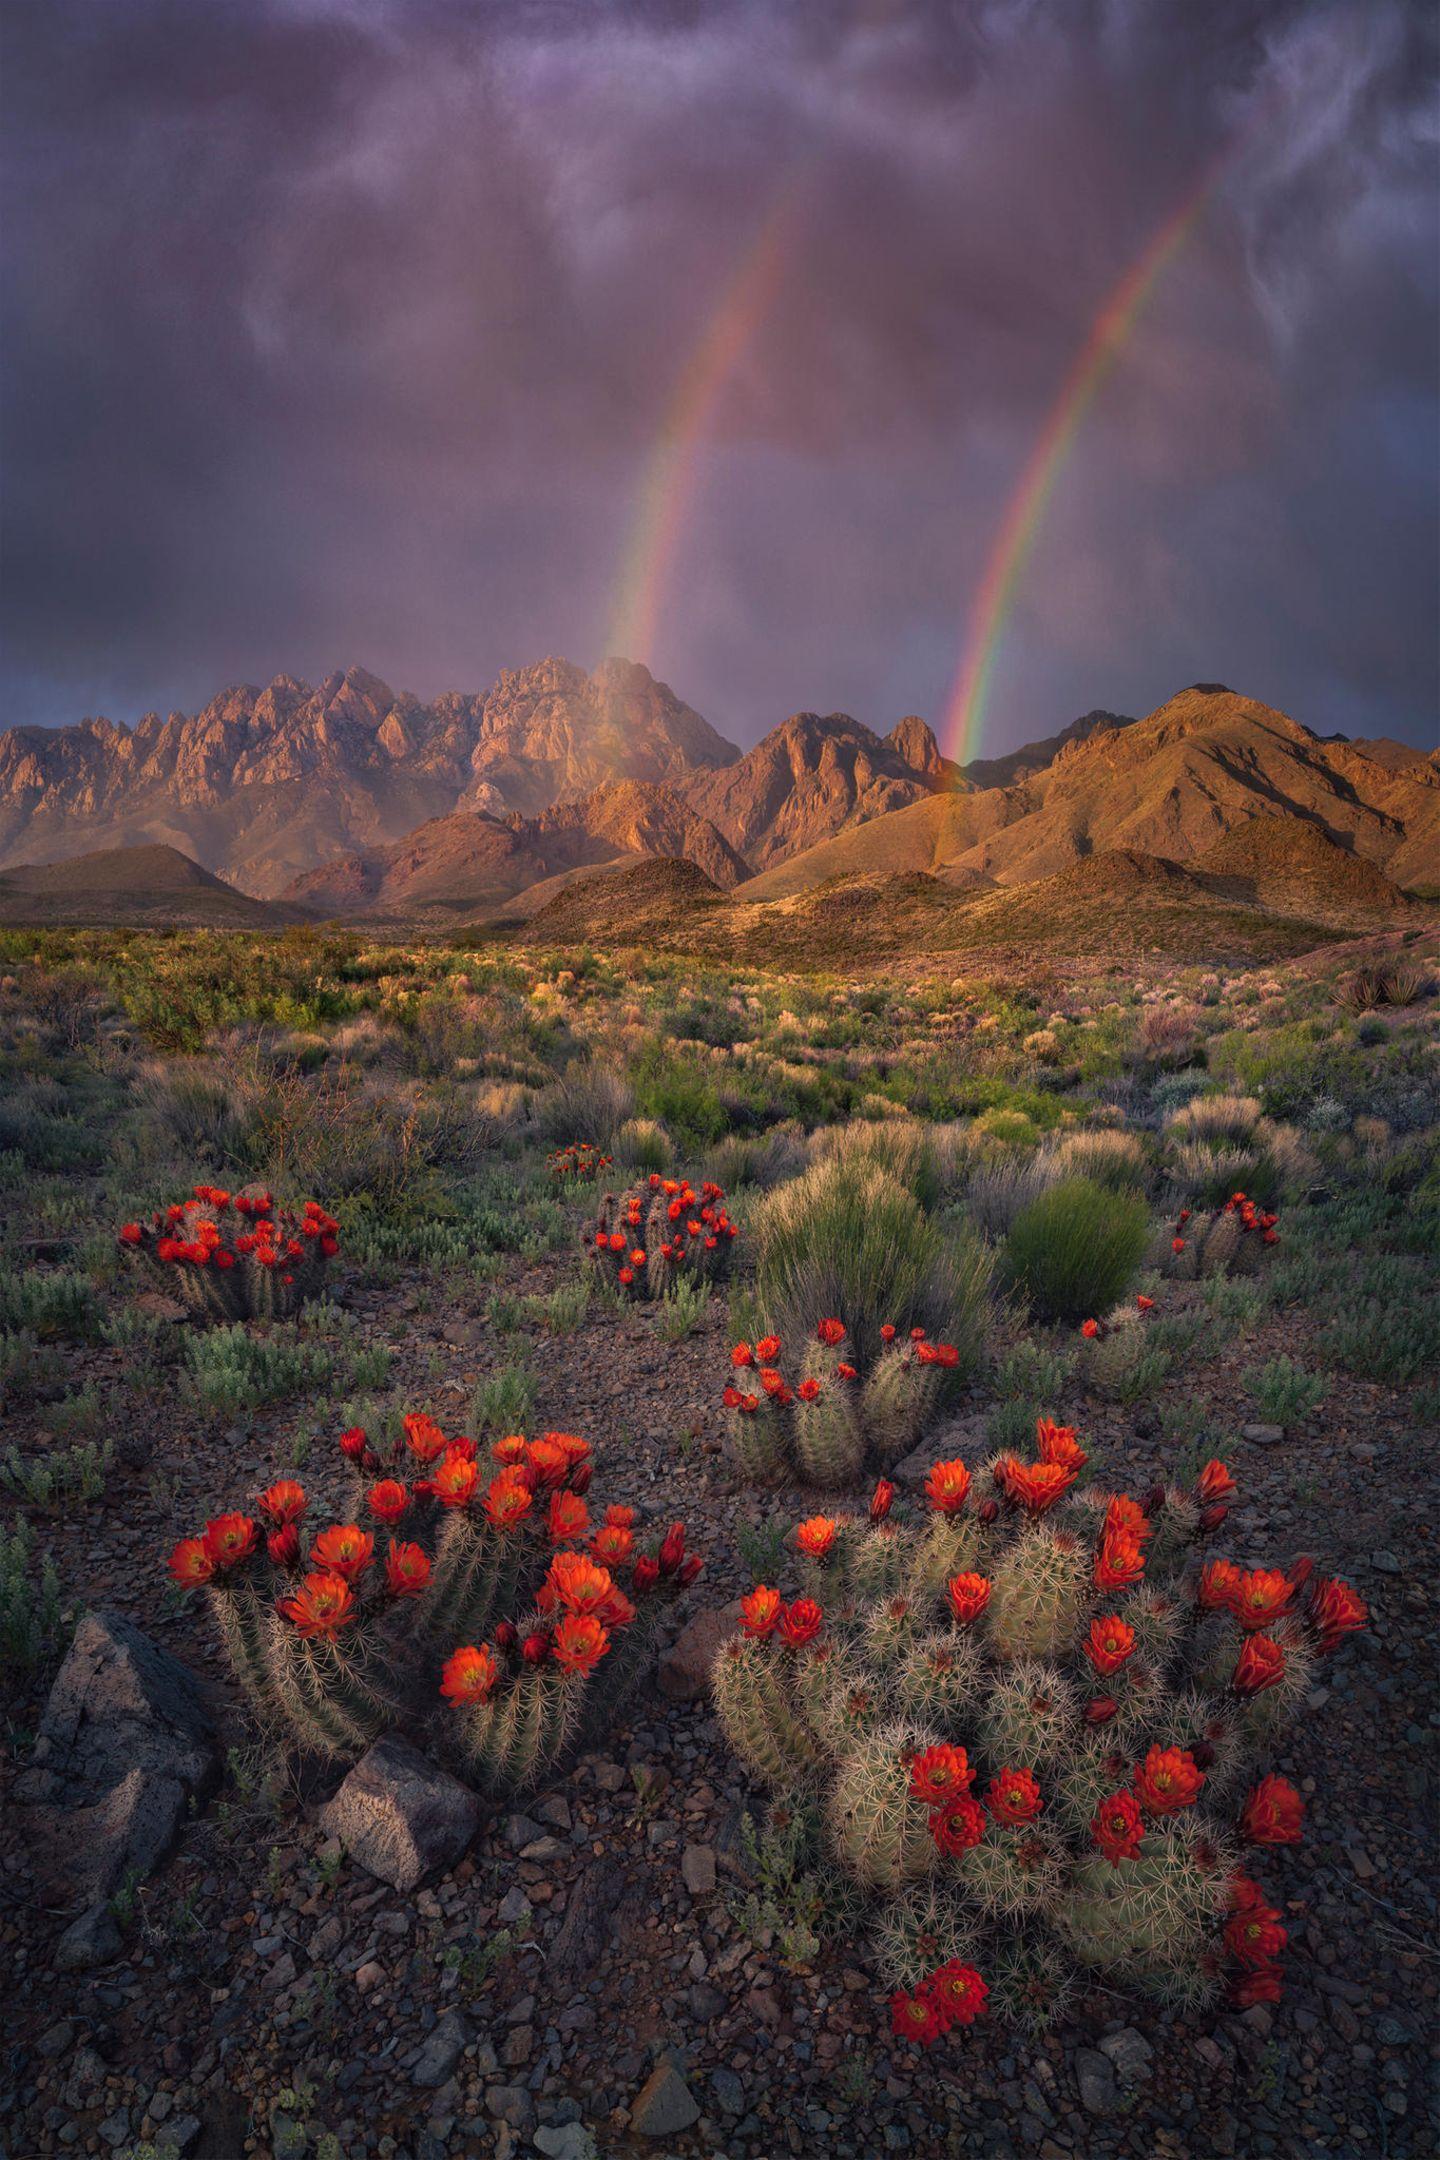 ILPOTY 2020: Berge mit Regenbogen